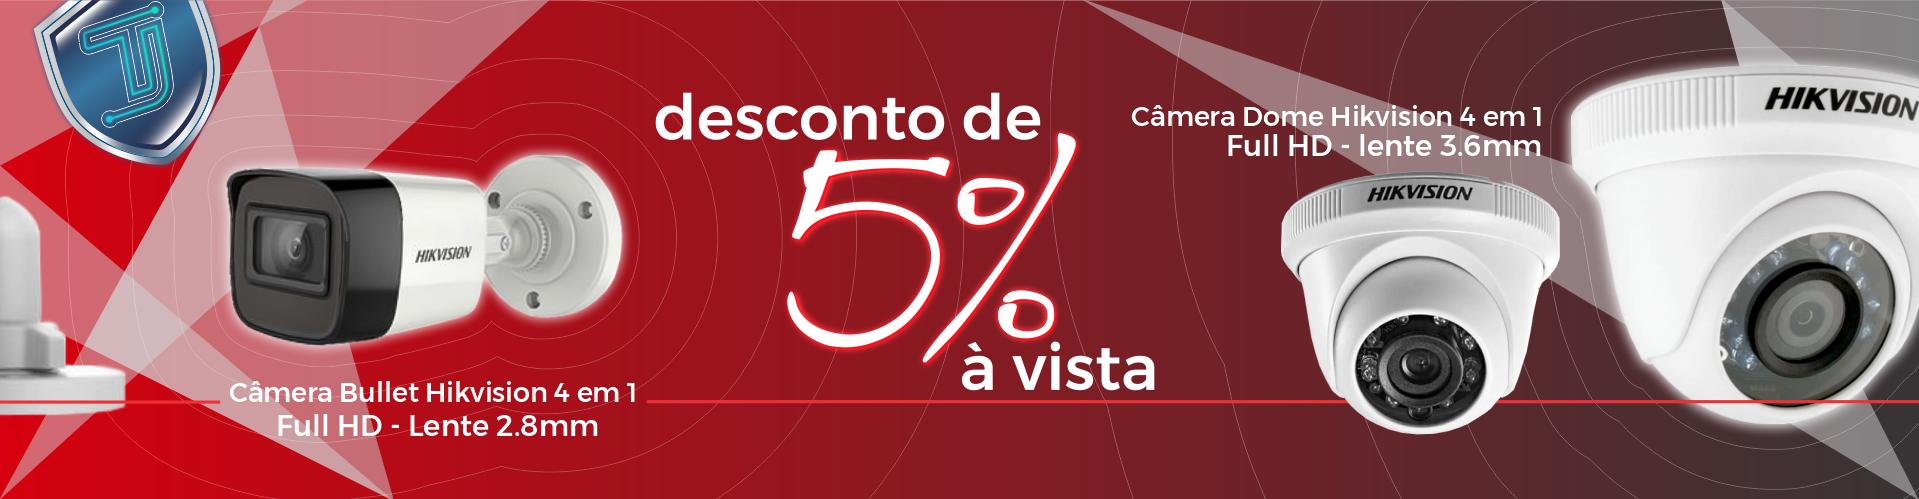 Full Banner - Camera Bullet 4 em 1 FullHD Desconto 5% a vista